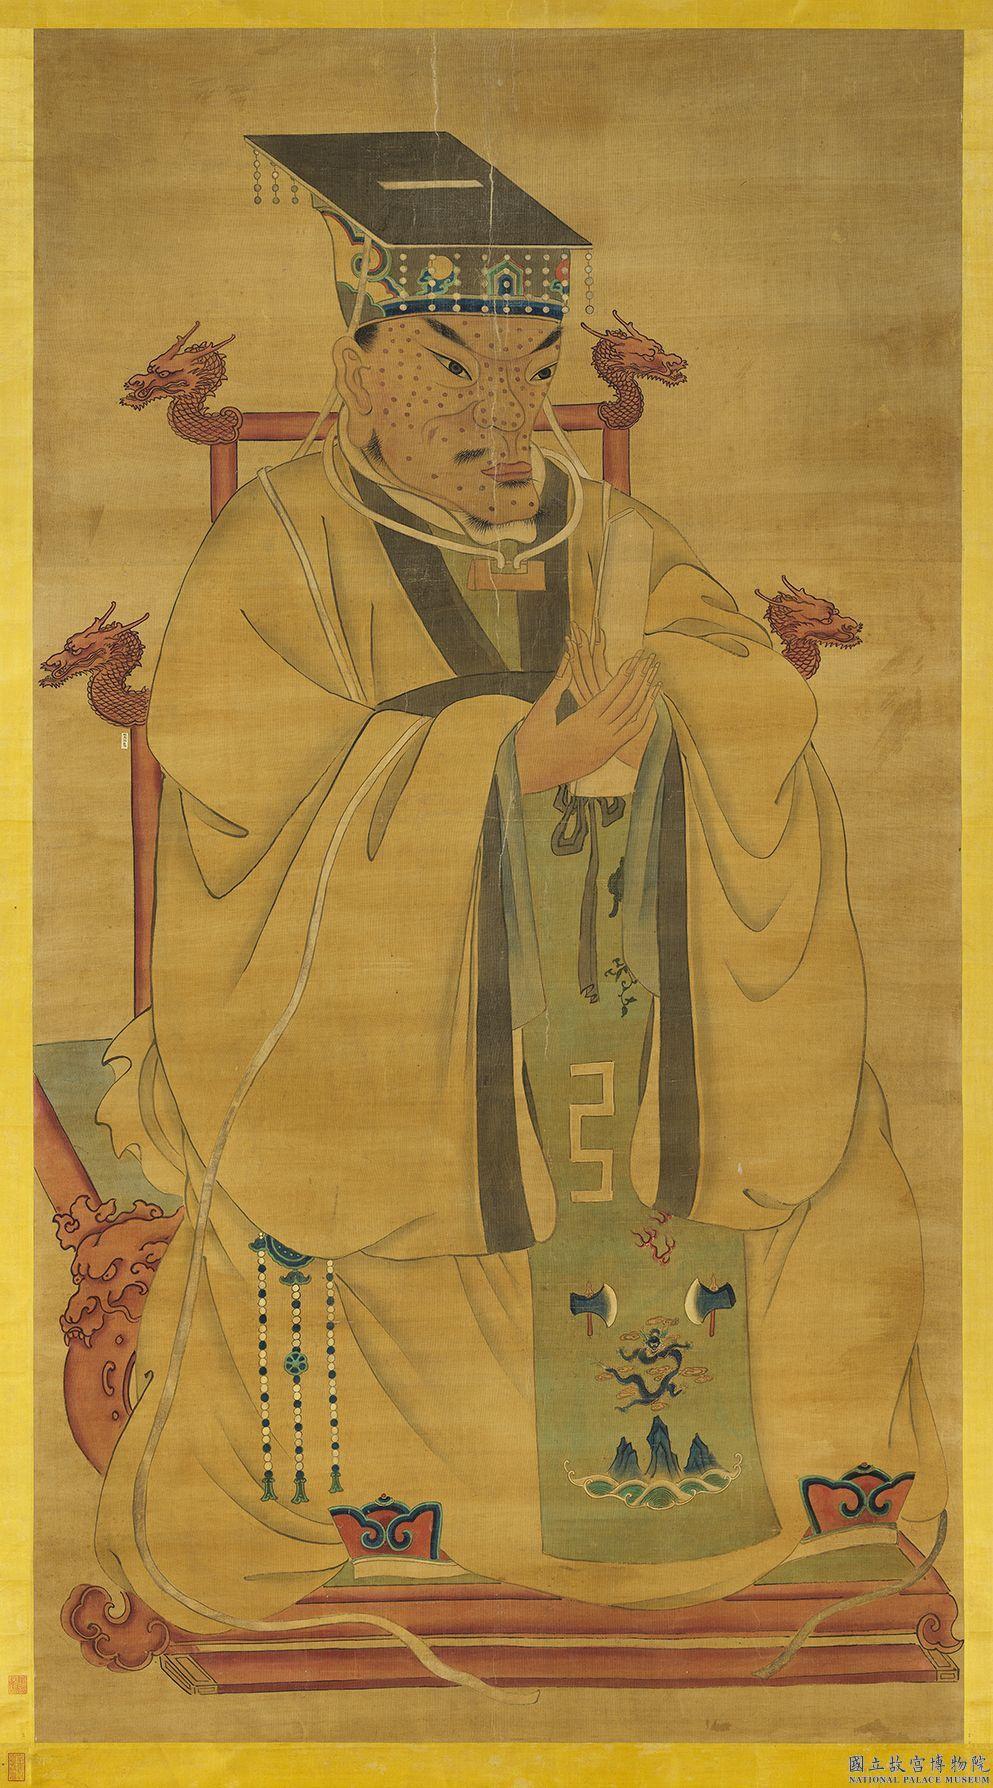 明太祖畫像臉上充滿麻子,有學者分析這是「72痣」象徵富貴。圖/故宮提供